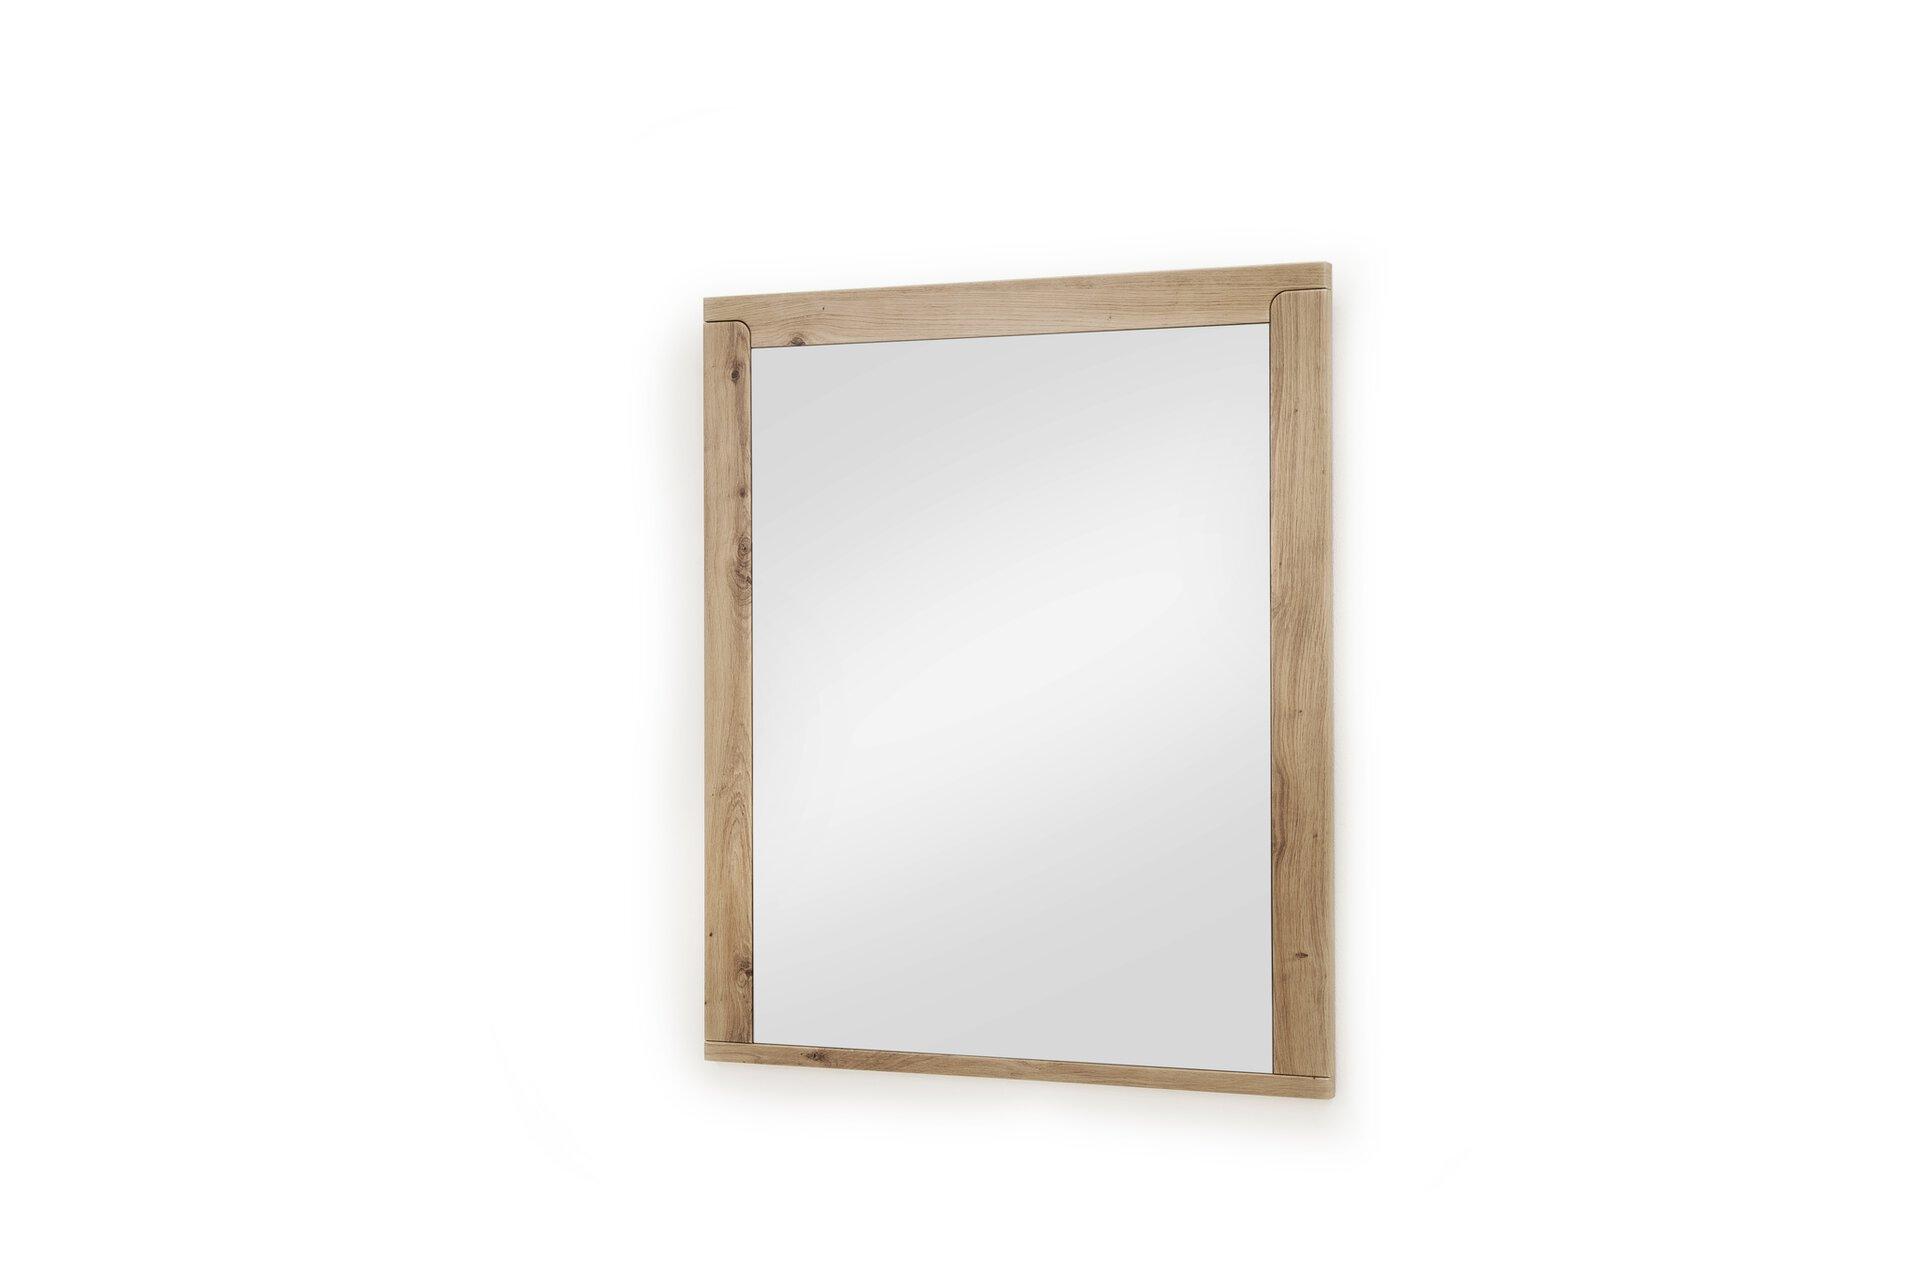 Spiegel INCATA Vito Holzwerkstoff mehrfarbig 3 x 92 x 77 cm